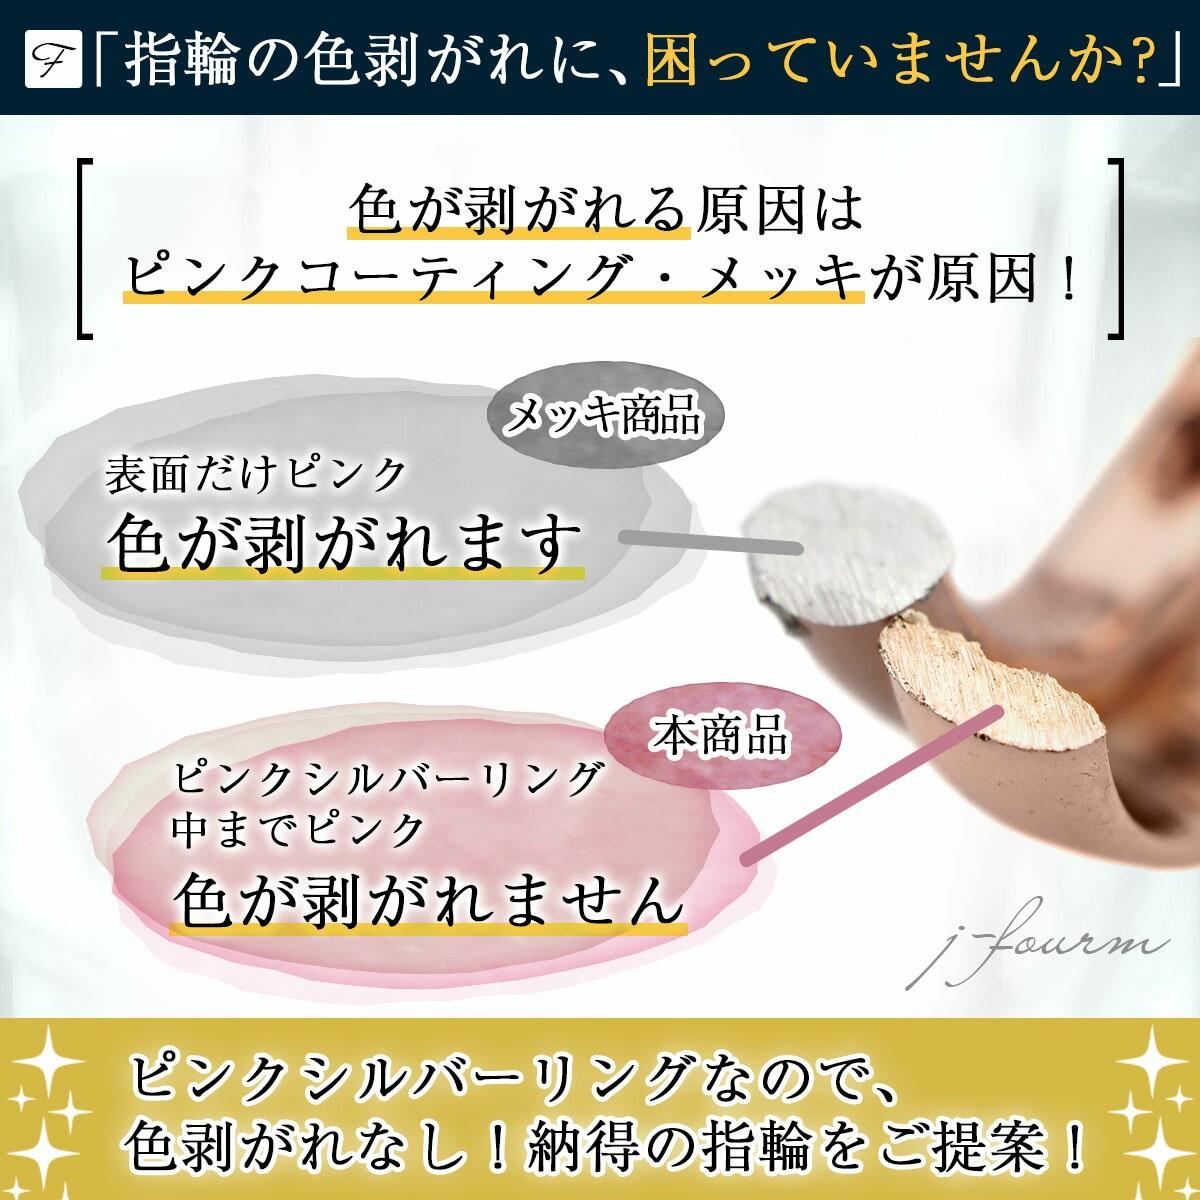 ピンクシルバー【偽りのない本物のピンク】(レーザー刻印対応)